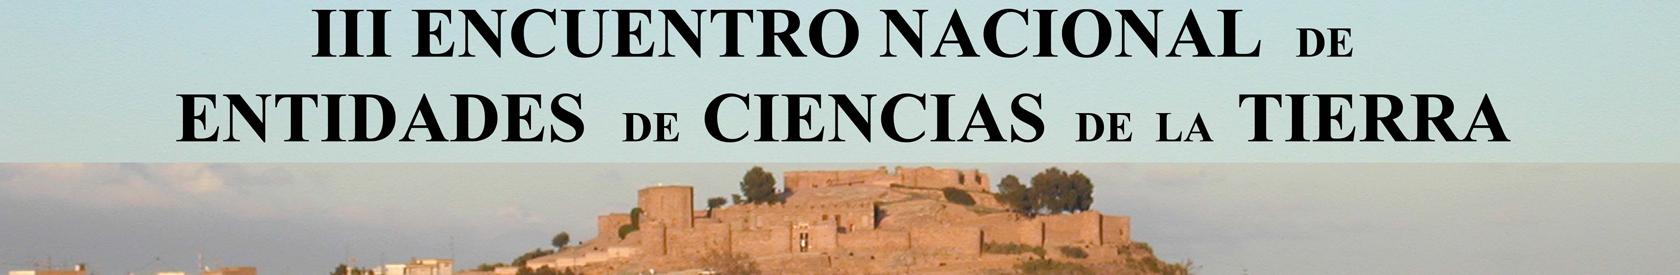 III Encuentro Nacional de Entidades de Ciencias de la Tierra (Onda, Castellón)